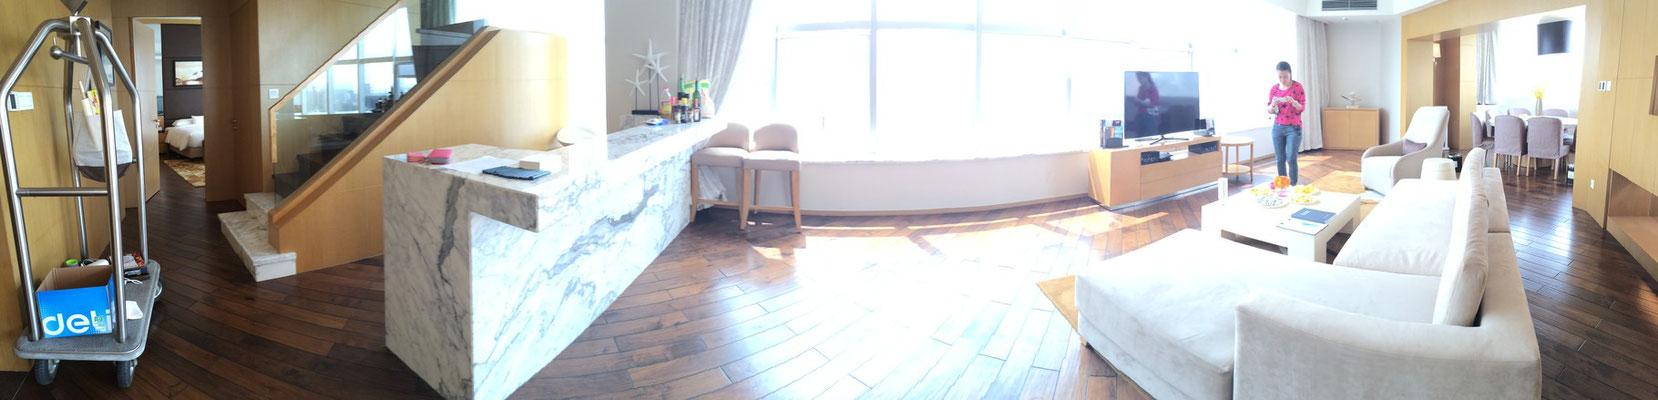 広々としたスイートルーム。その広さと部屋数の多さ、眺めの良さにびっくり!